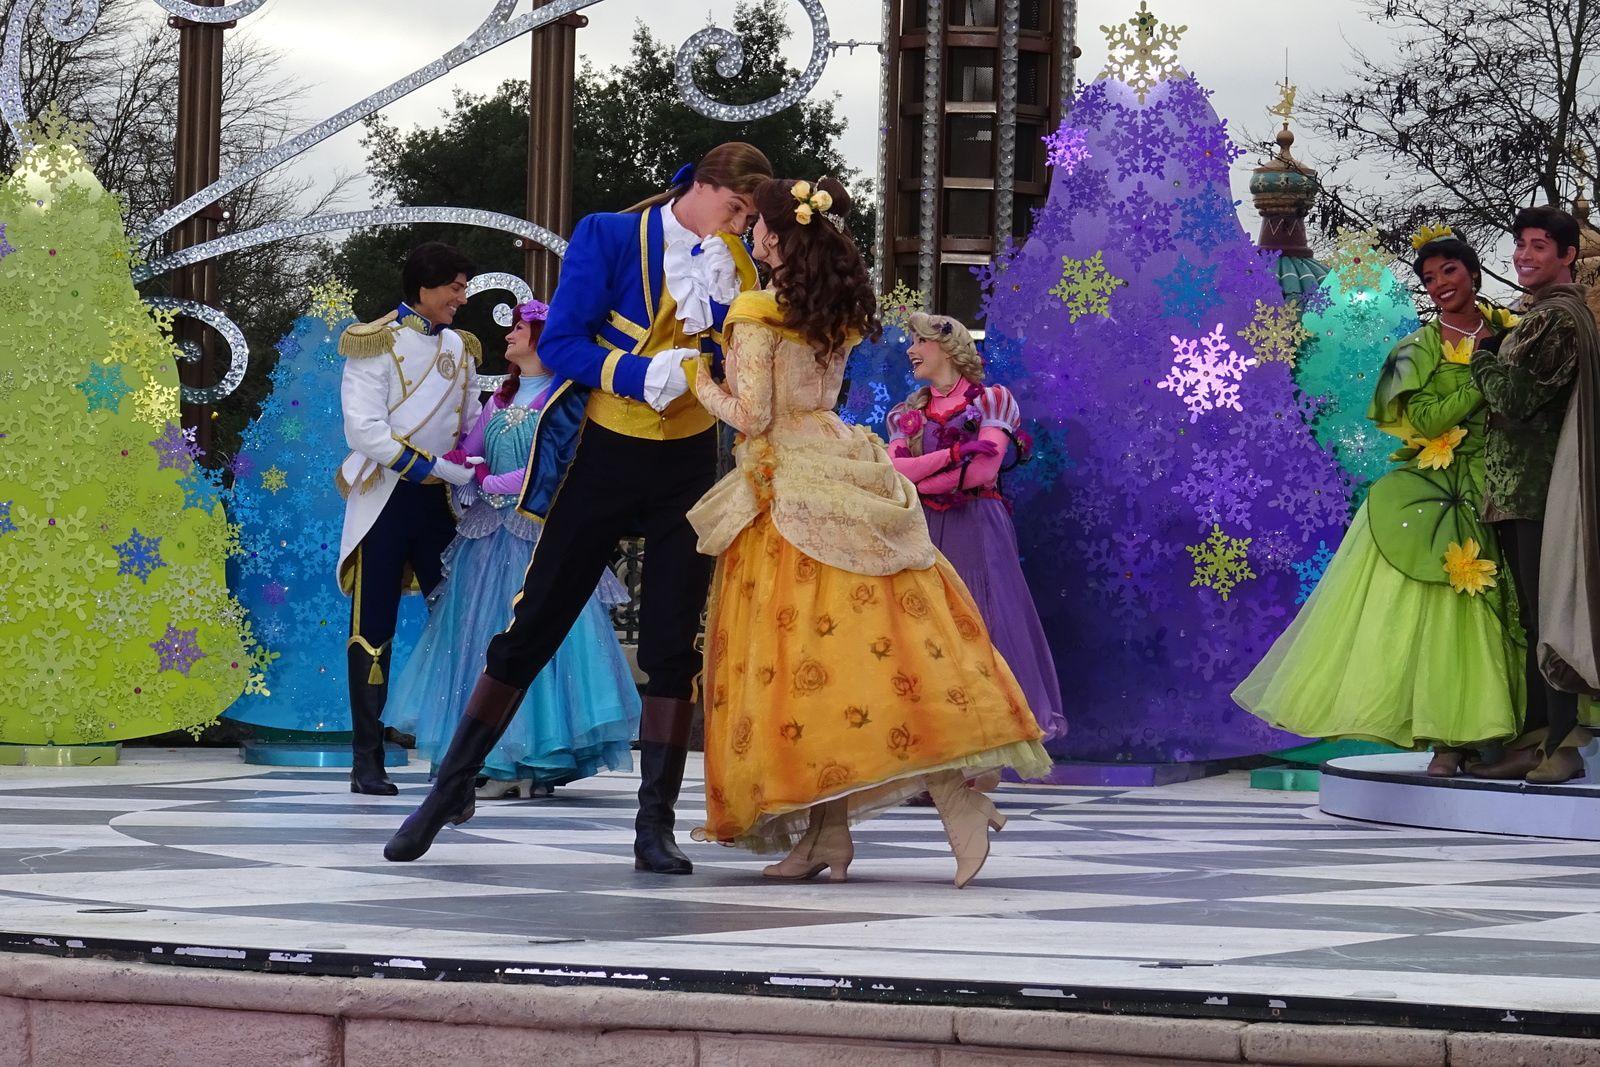 Le Noël enchanté Disney à Disneyland Paris (2019)